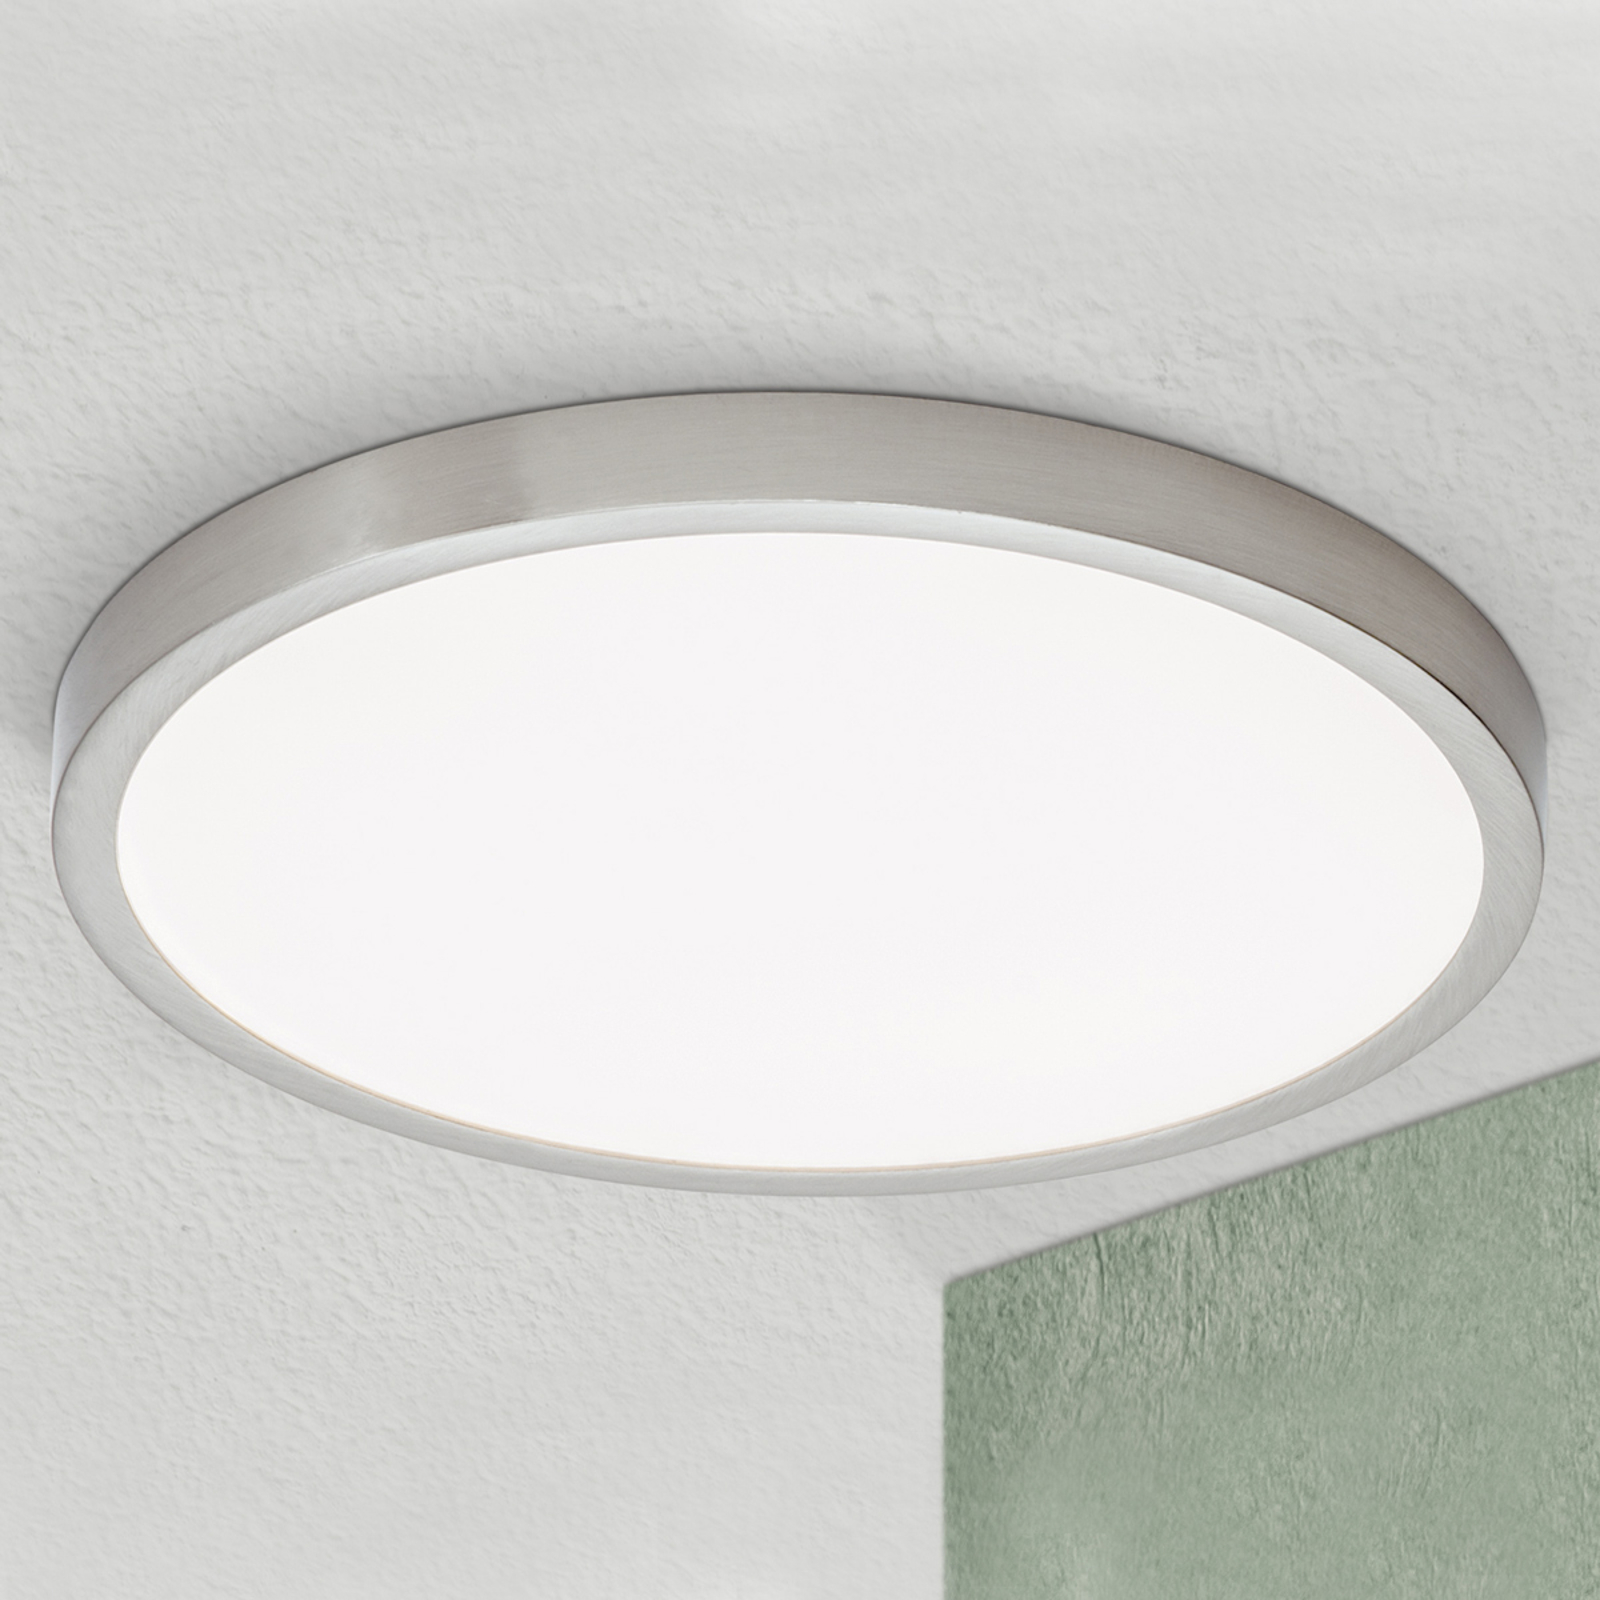 LED-kattovalaisin Vika, pyöreä, mattatitaani Ø30cm